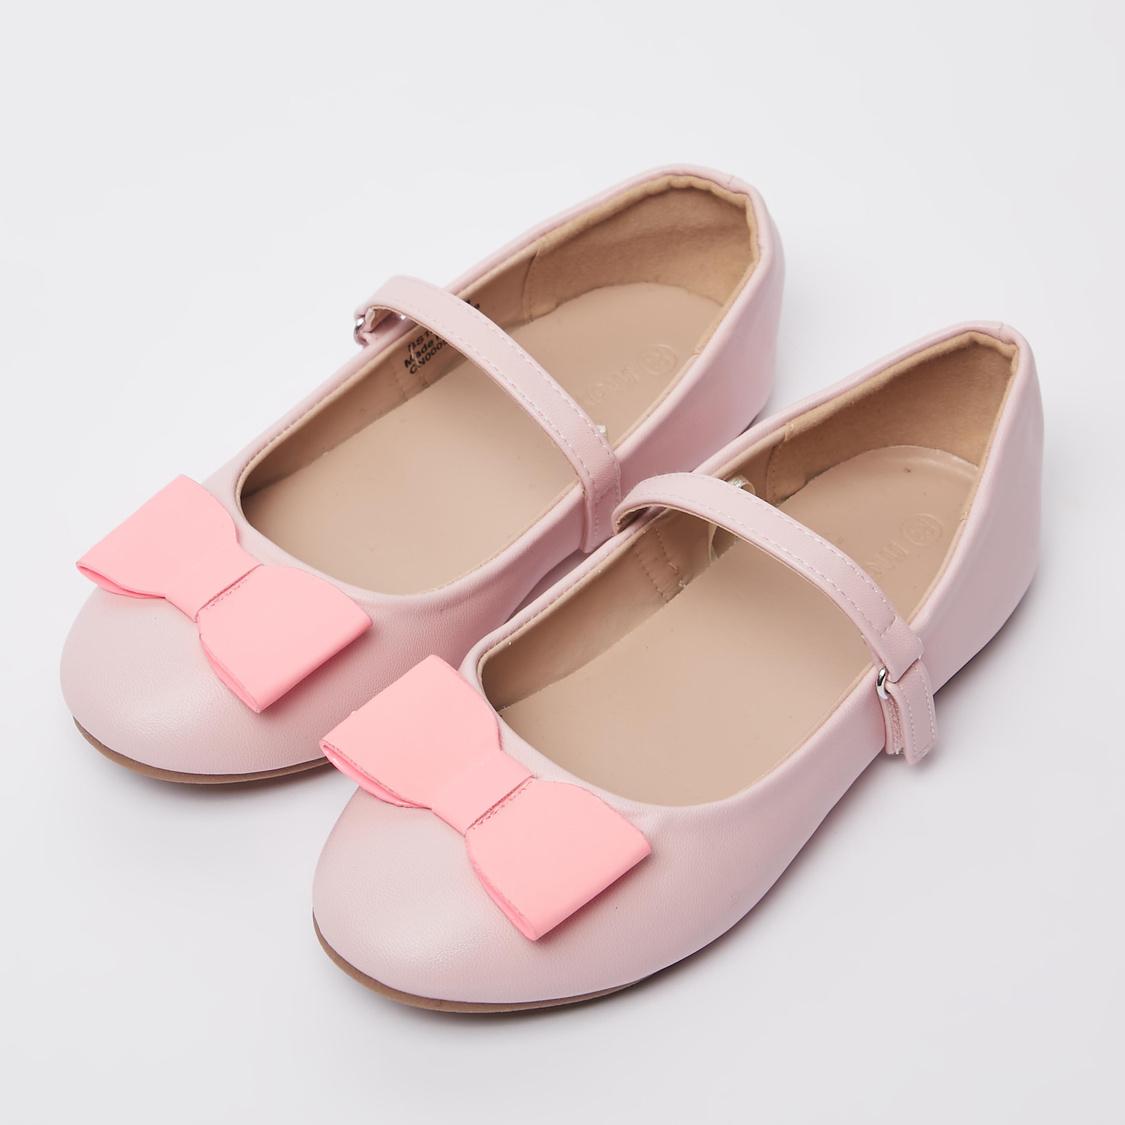 حذاء باليرينا بشريط إغلاق وتفاصيل فيونكة